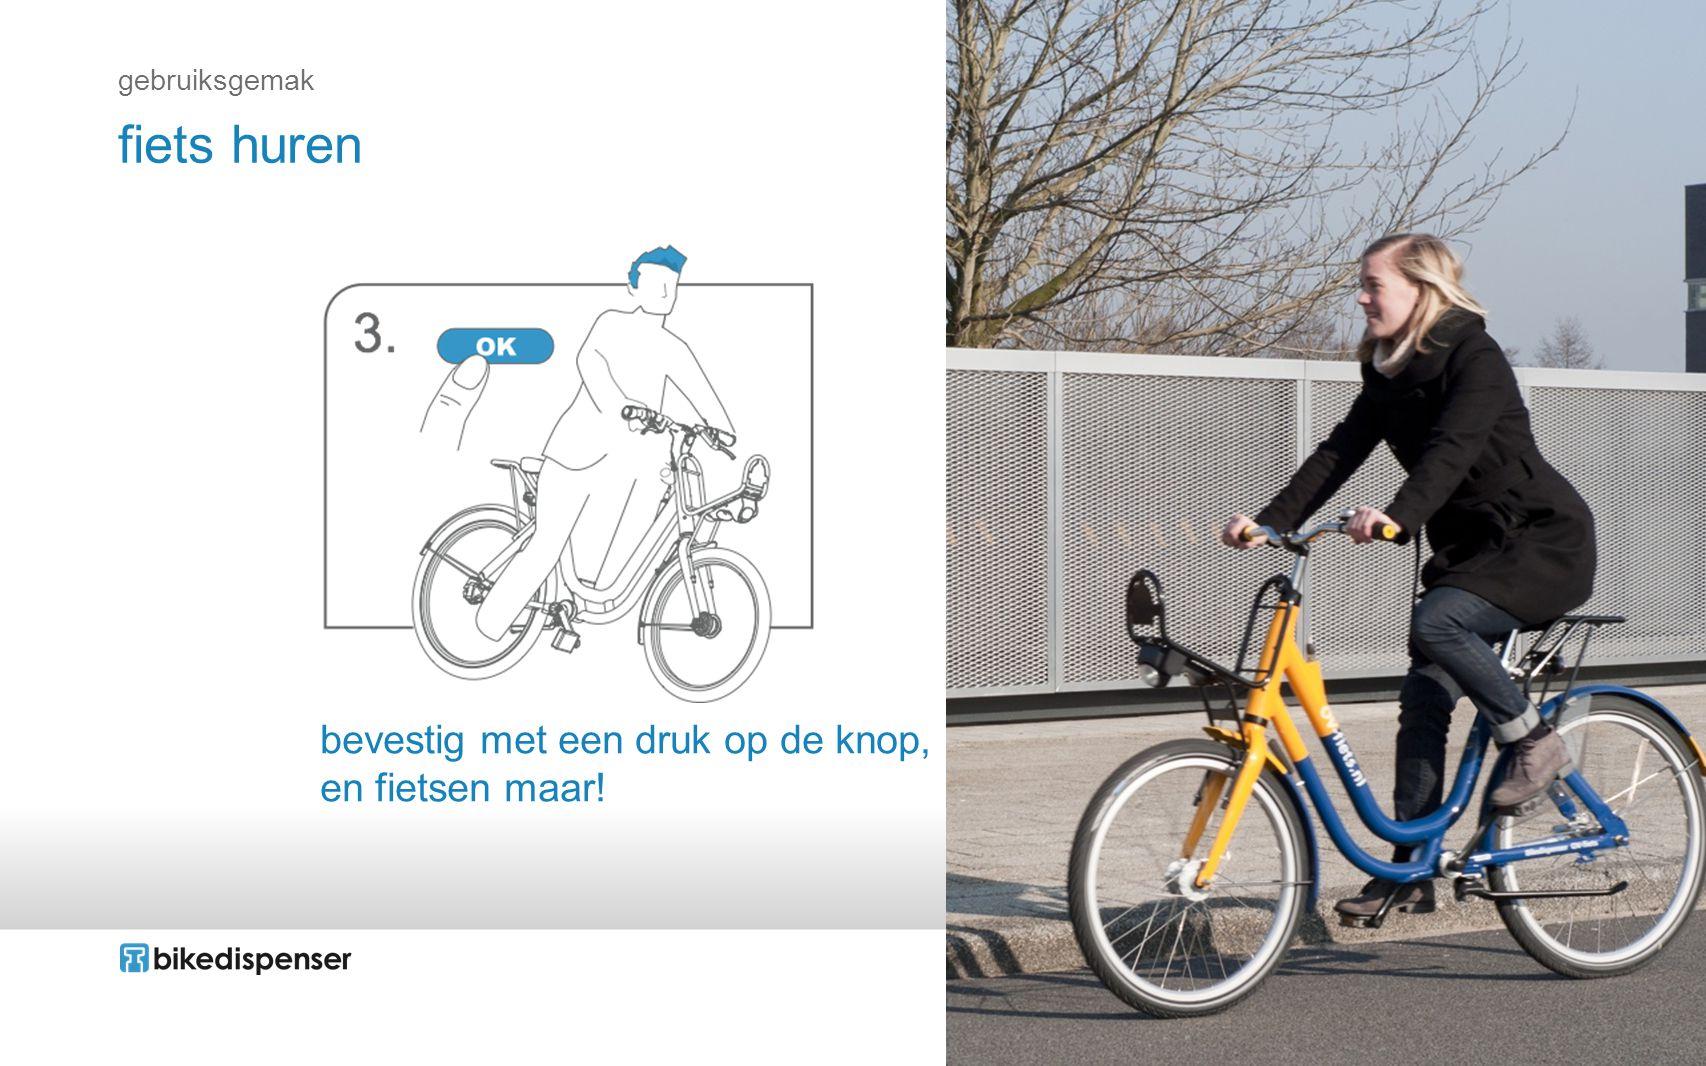 bevestig met een druk op de knop, en fietsen maar! fiets huren gebruiksgemak